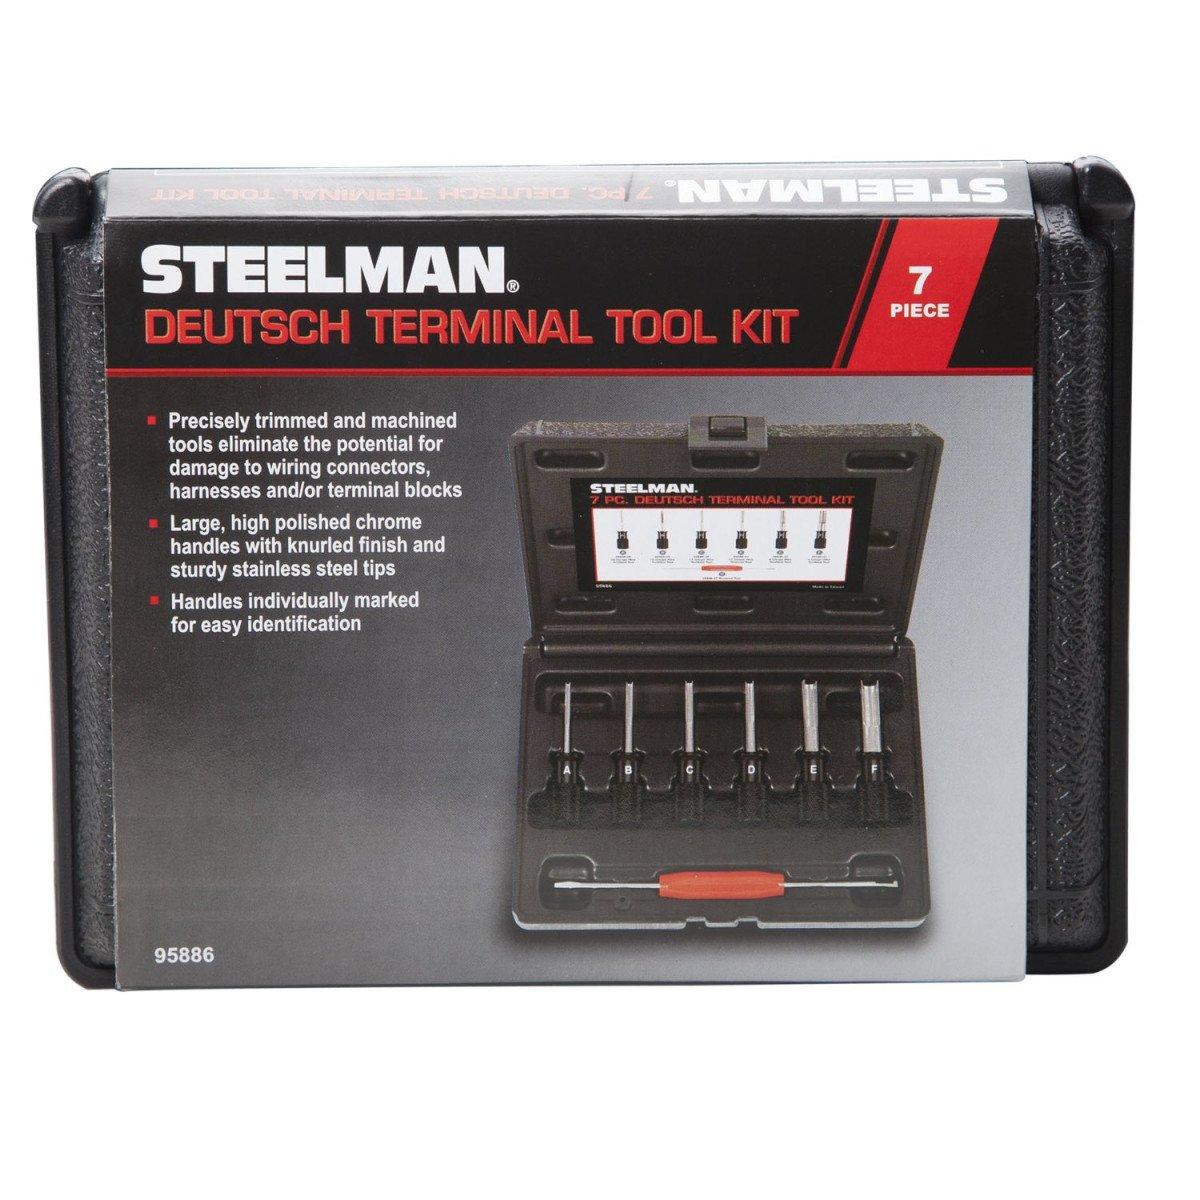 amazon com steelman 95886 7 piece deutsch terminal tool kit amazon com steelman 95886 7 piece deutsch terminal tool kit automotive